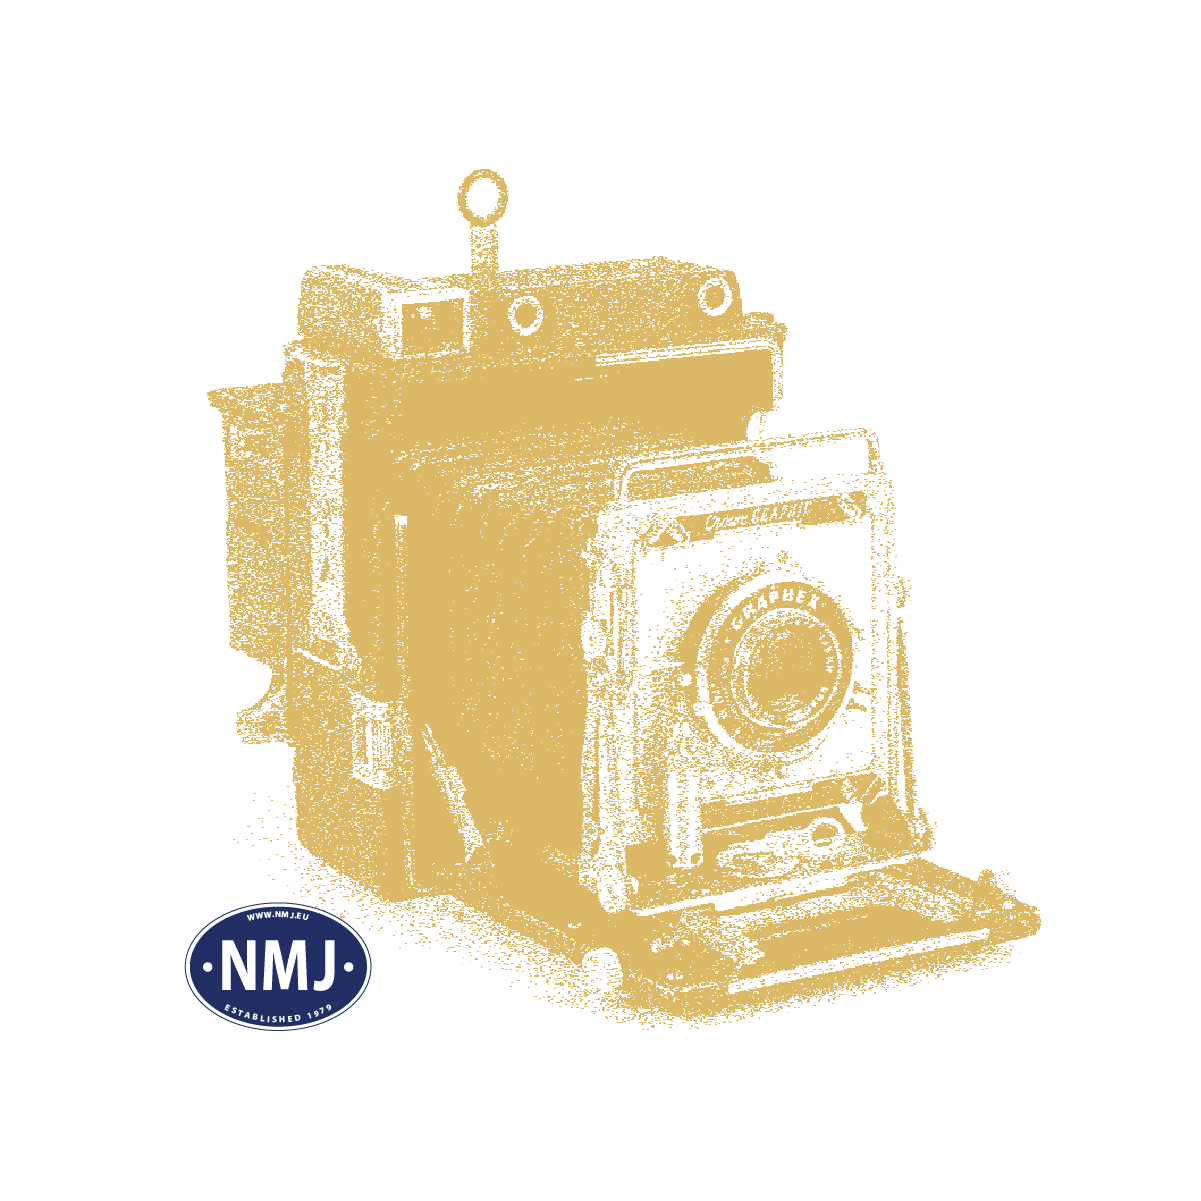 NMJT84.103AC - NMJ Topline NSB BM69A.014, AC m/ Sound